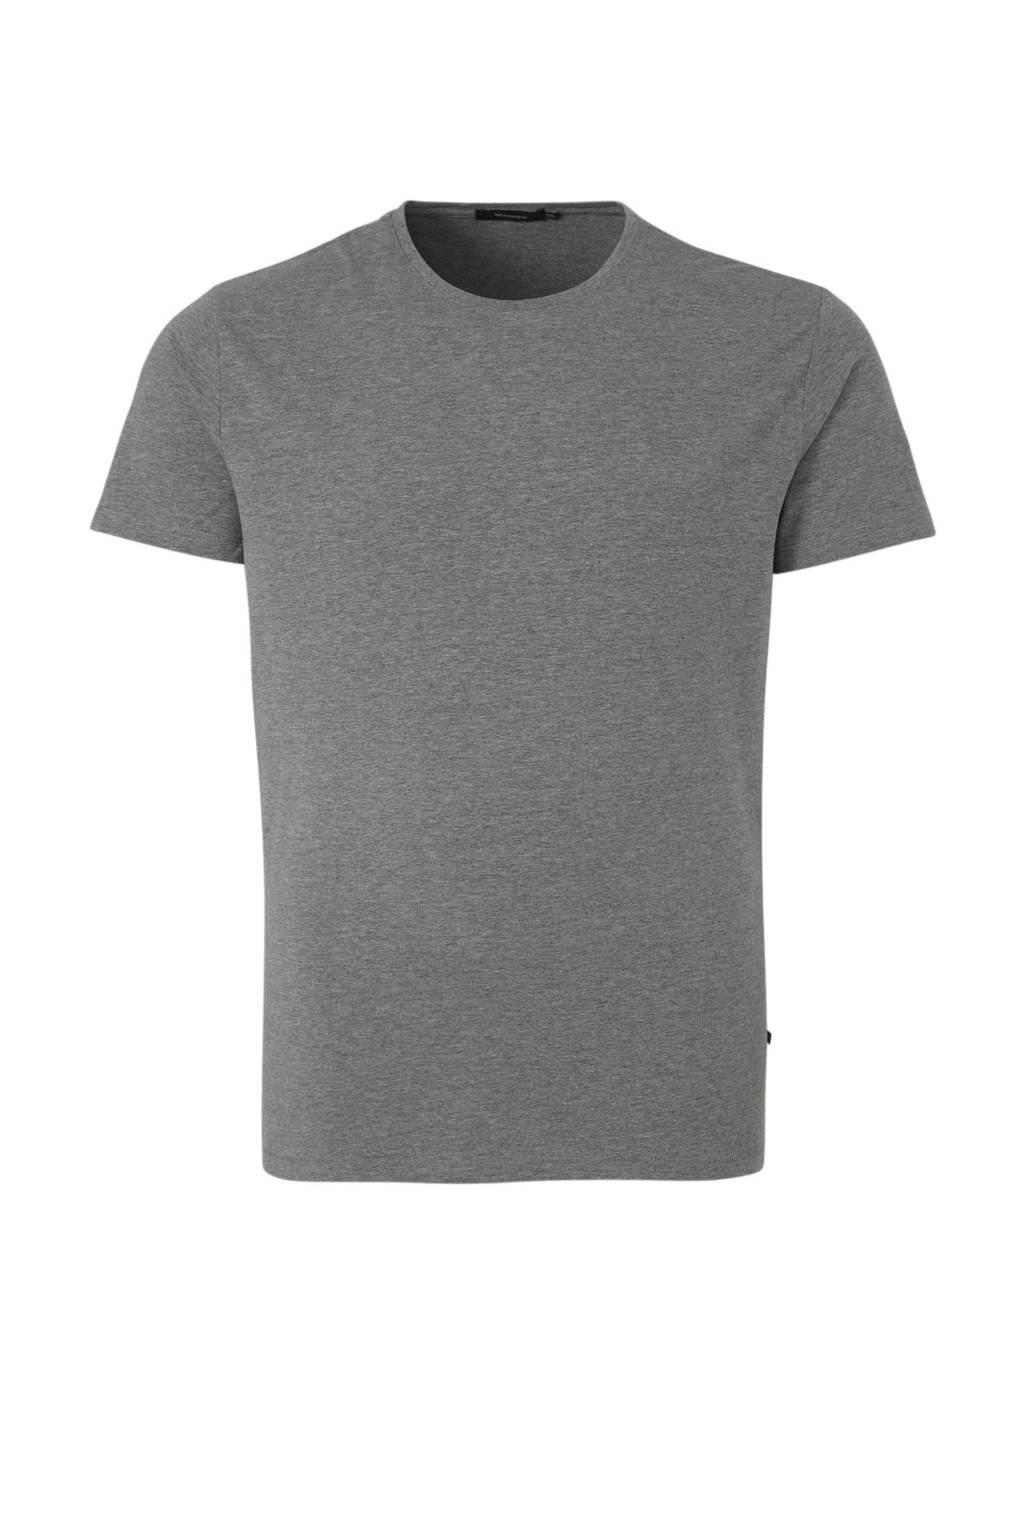 Matinique gemêleerd T-shirt grijs, Grijs